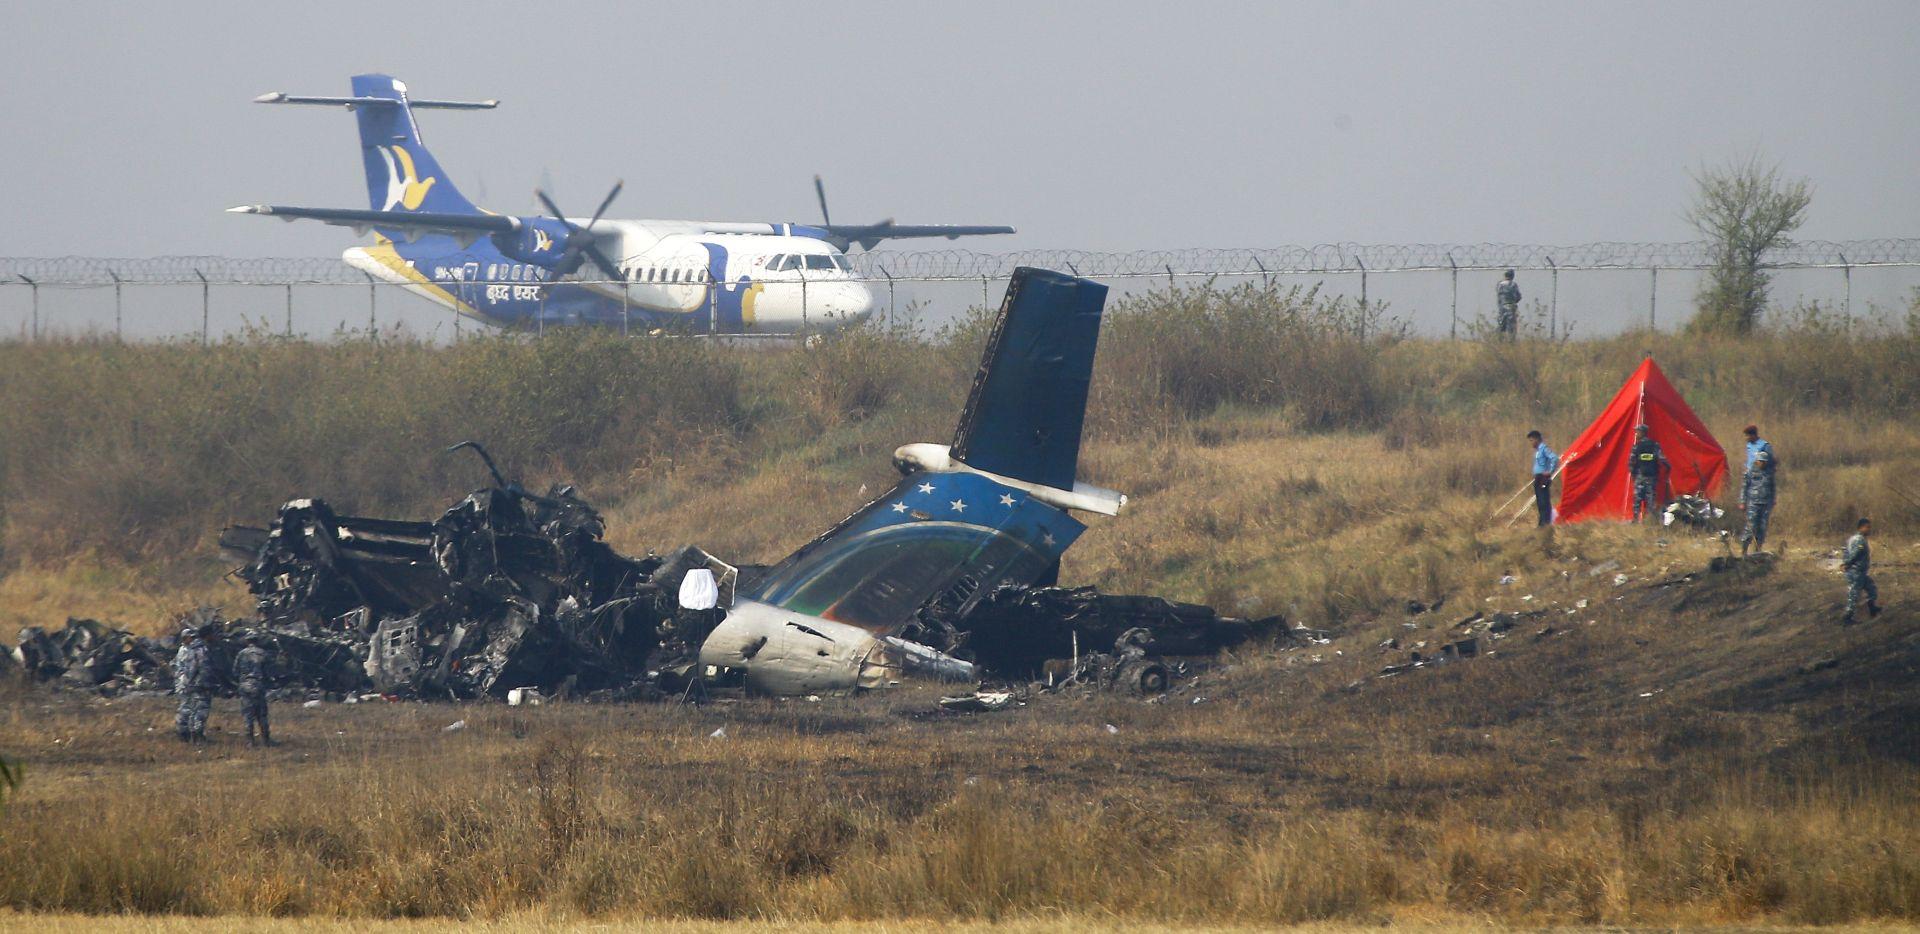 Pronađena crna kutija u olupini zrakoplova koji se srušio u Nepalu